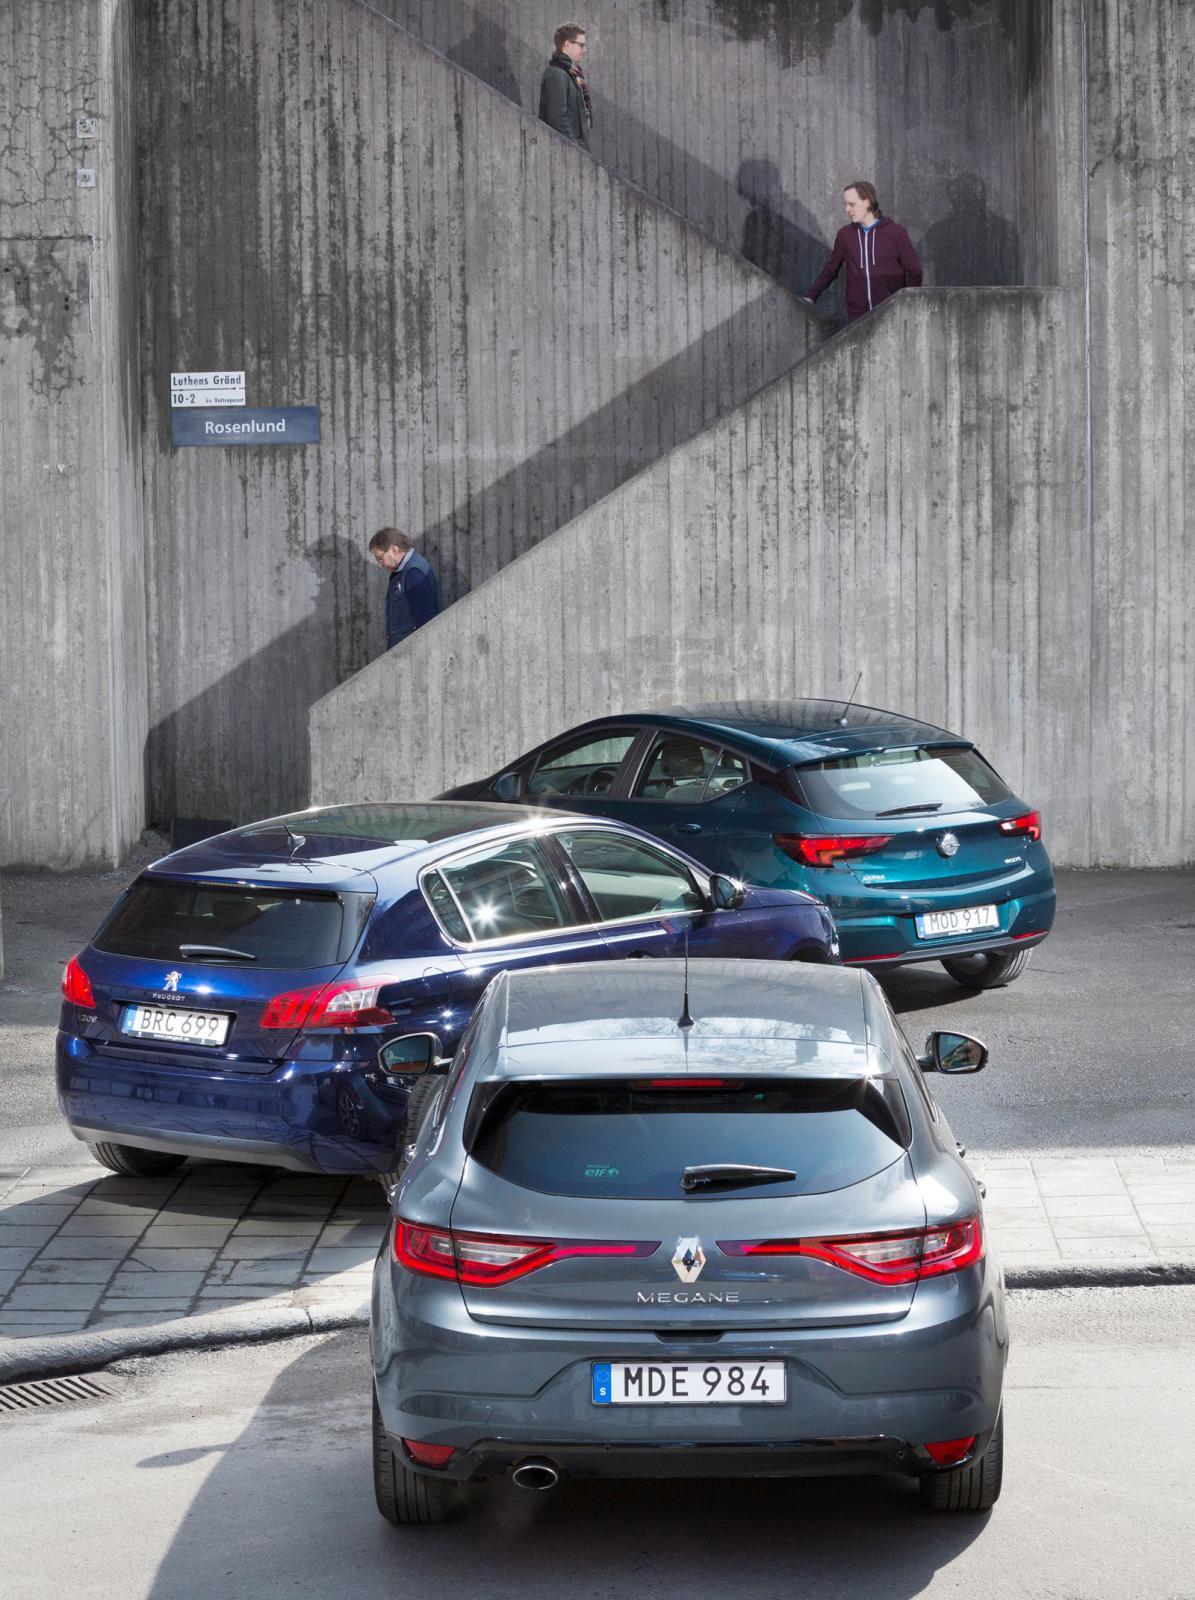 På Renault Mégane, närmast kameran, tänds även bakljusens LED-slingor när varselbelysningen är på. Så är inte fallet med Peugeot 308 och Opel Astra. Där är det bara LED-ljuset i fronten som lyser under dagtid.